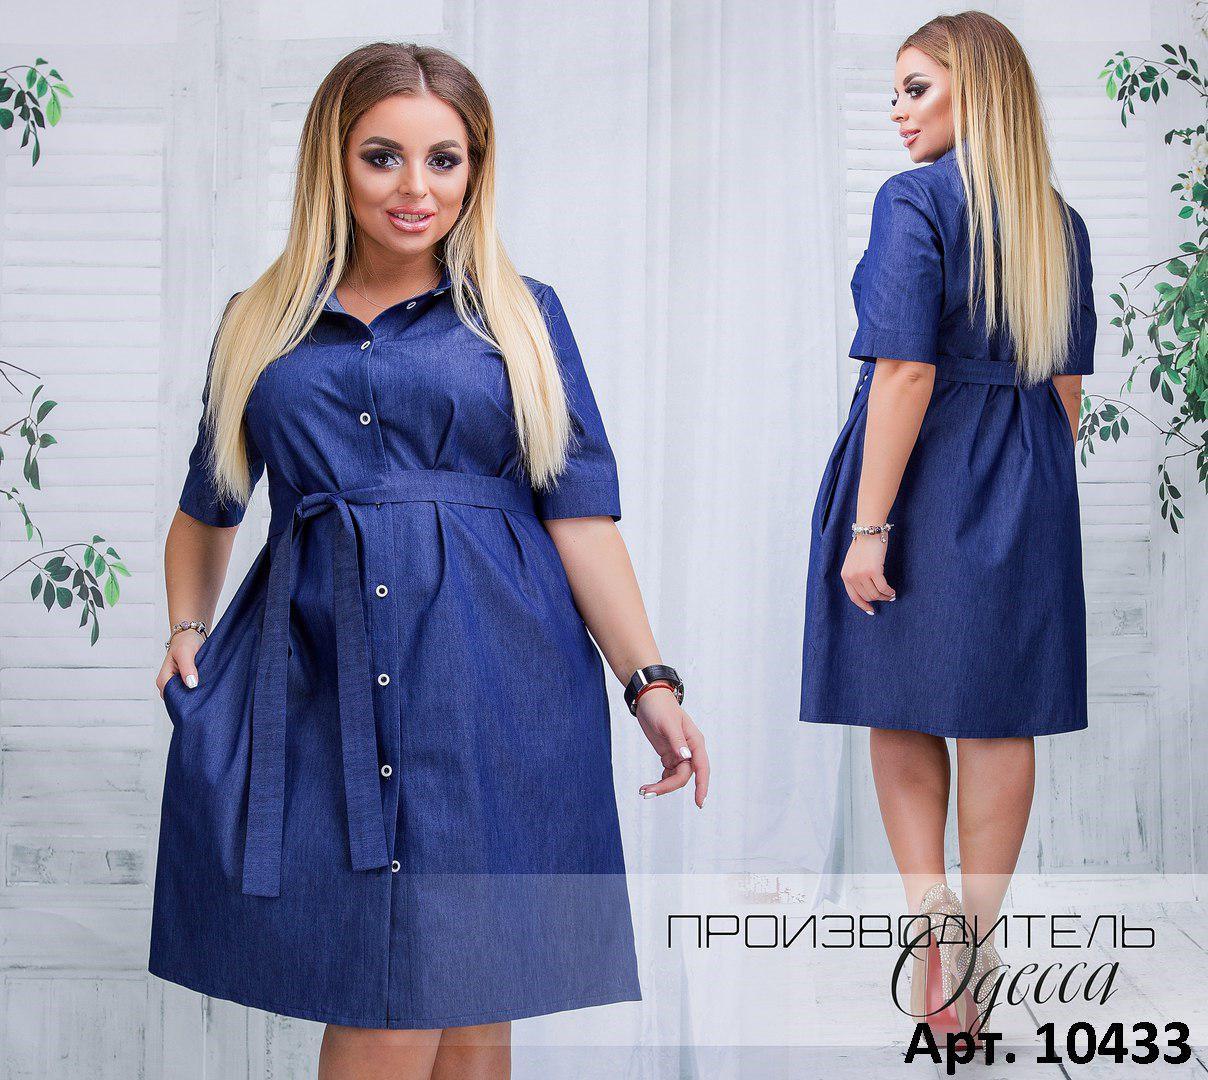 4a16996638d Легкое джинсовое платье-рубашка большого размера Производитель Одесса раз.48 -62